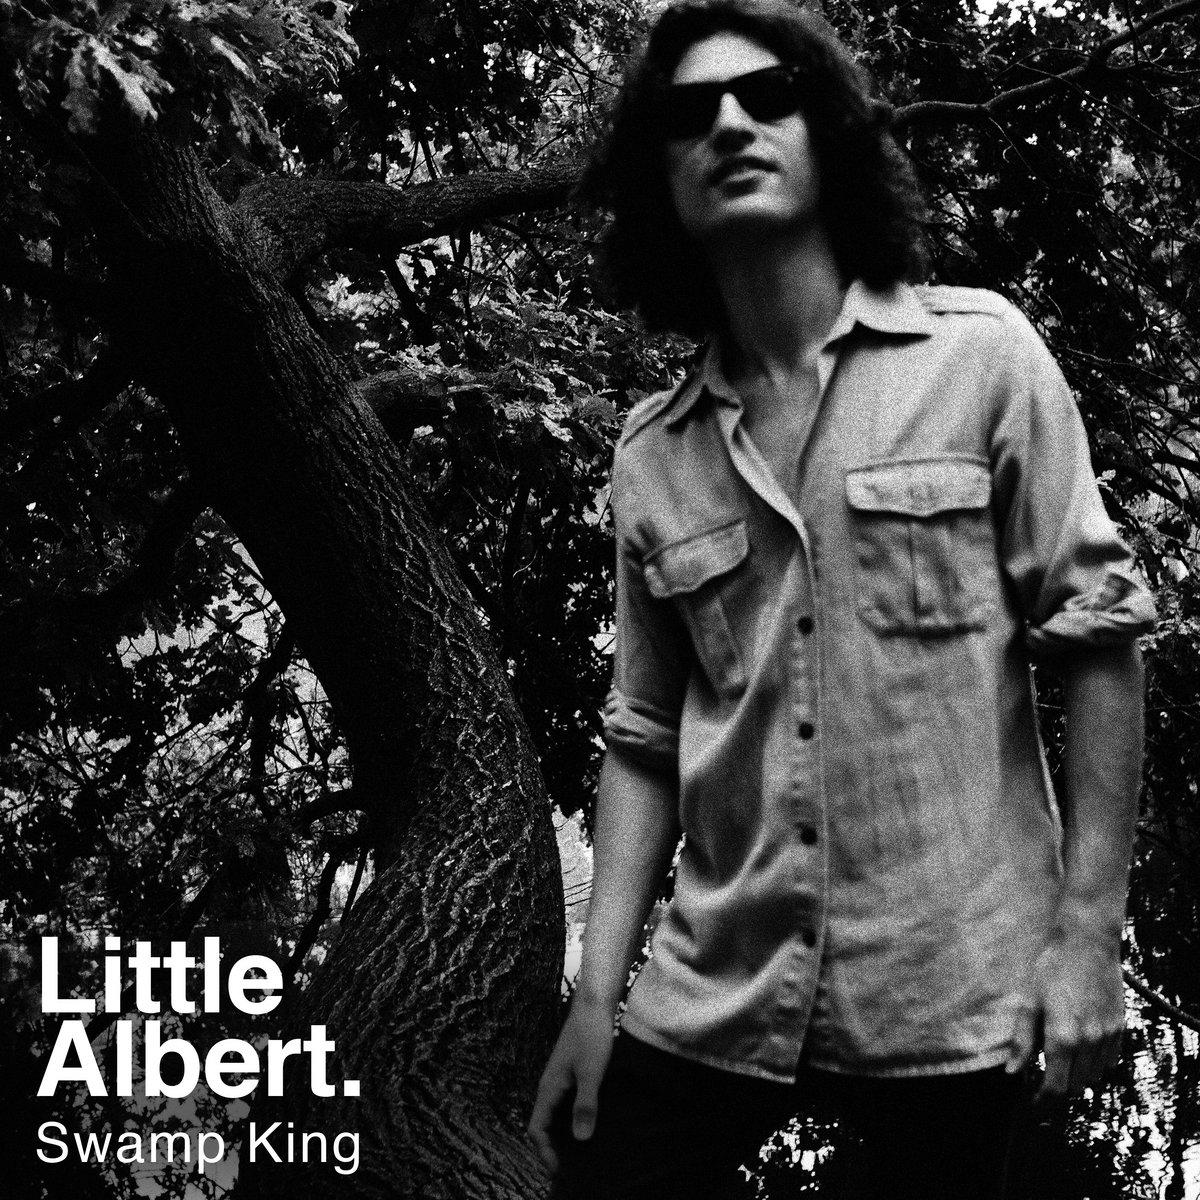 Little Albert Swamp King